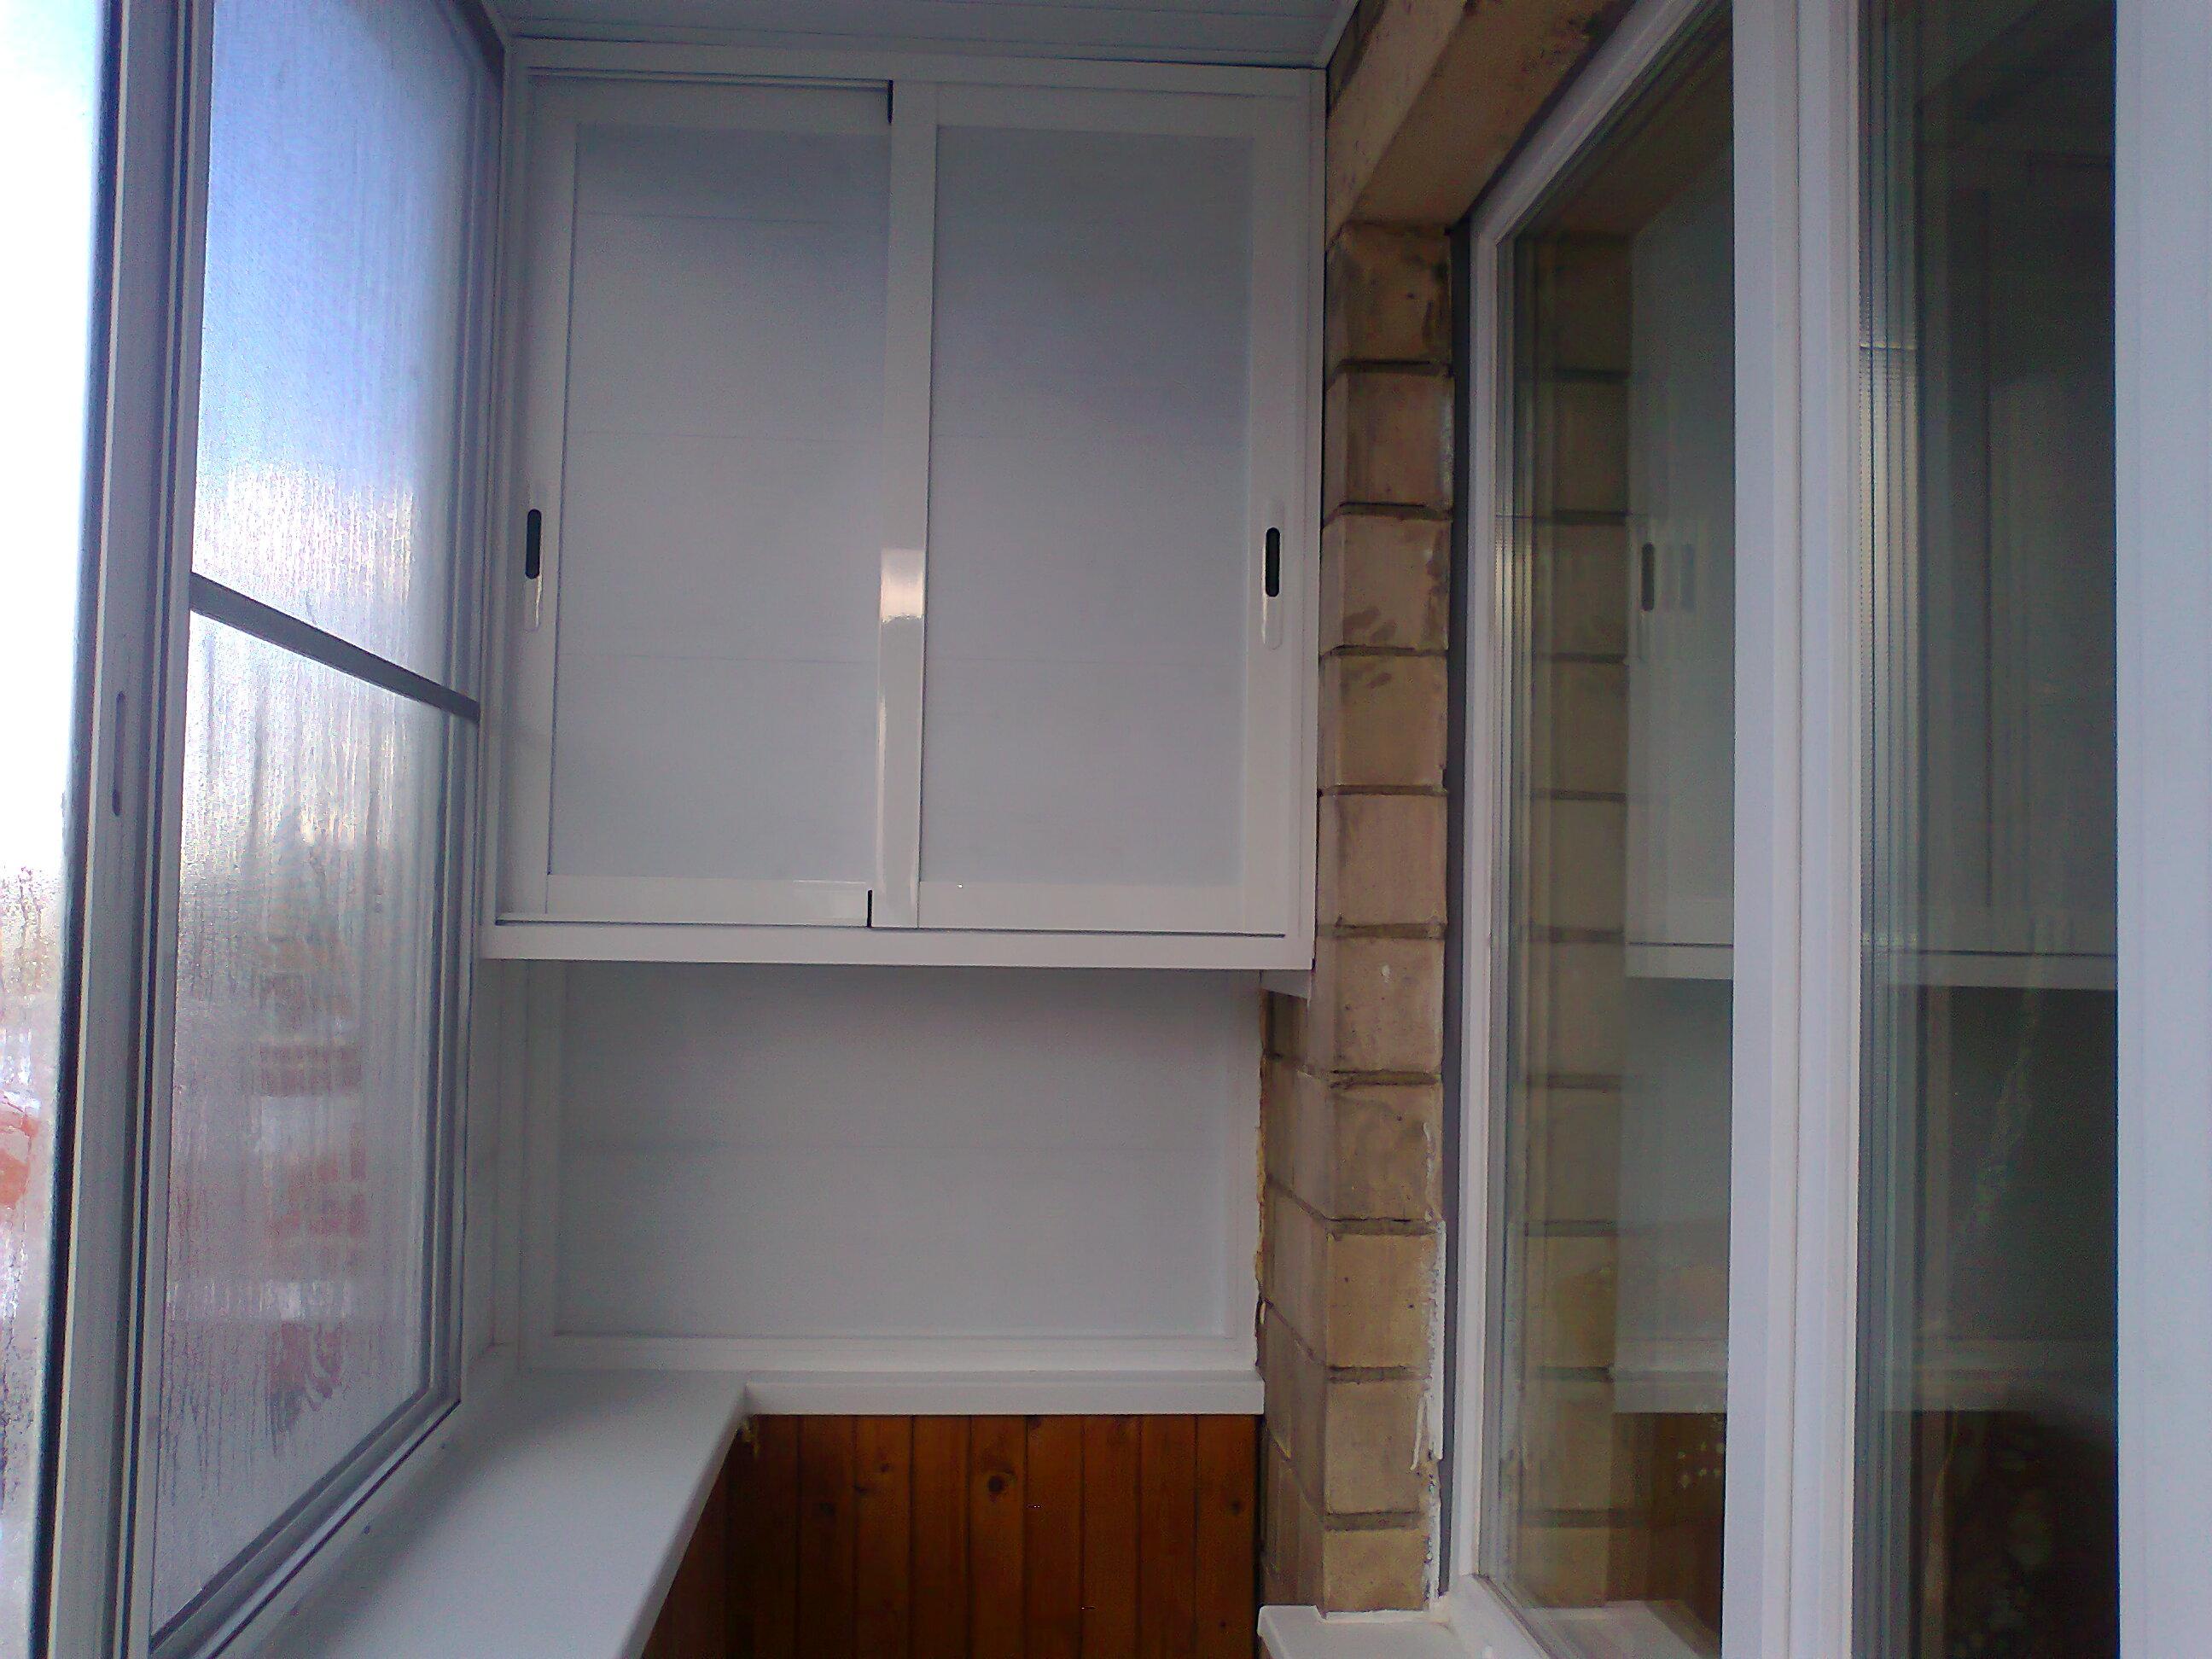 Как сделать шкаф на балконе своими руками Коттедж 49